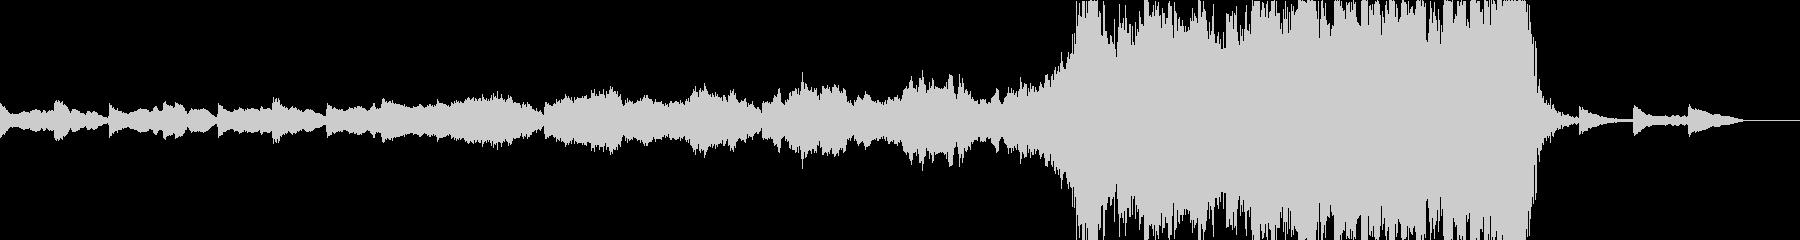 重いエピックオーケストラと時の螺旋の未再生の波形